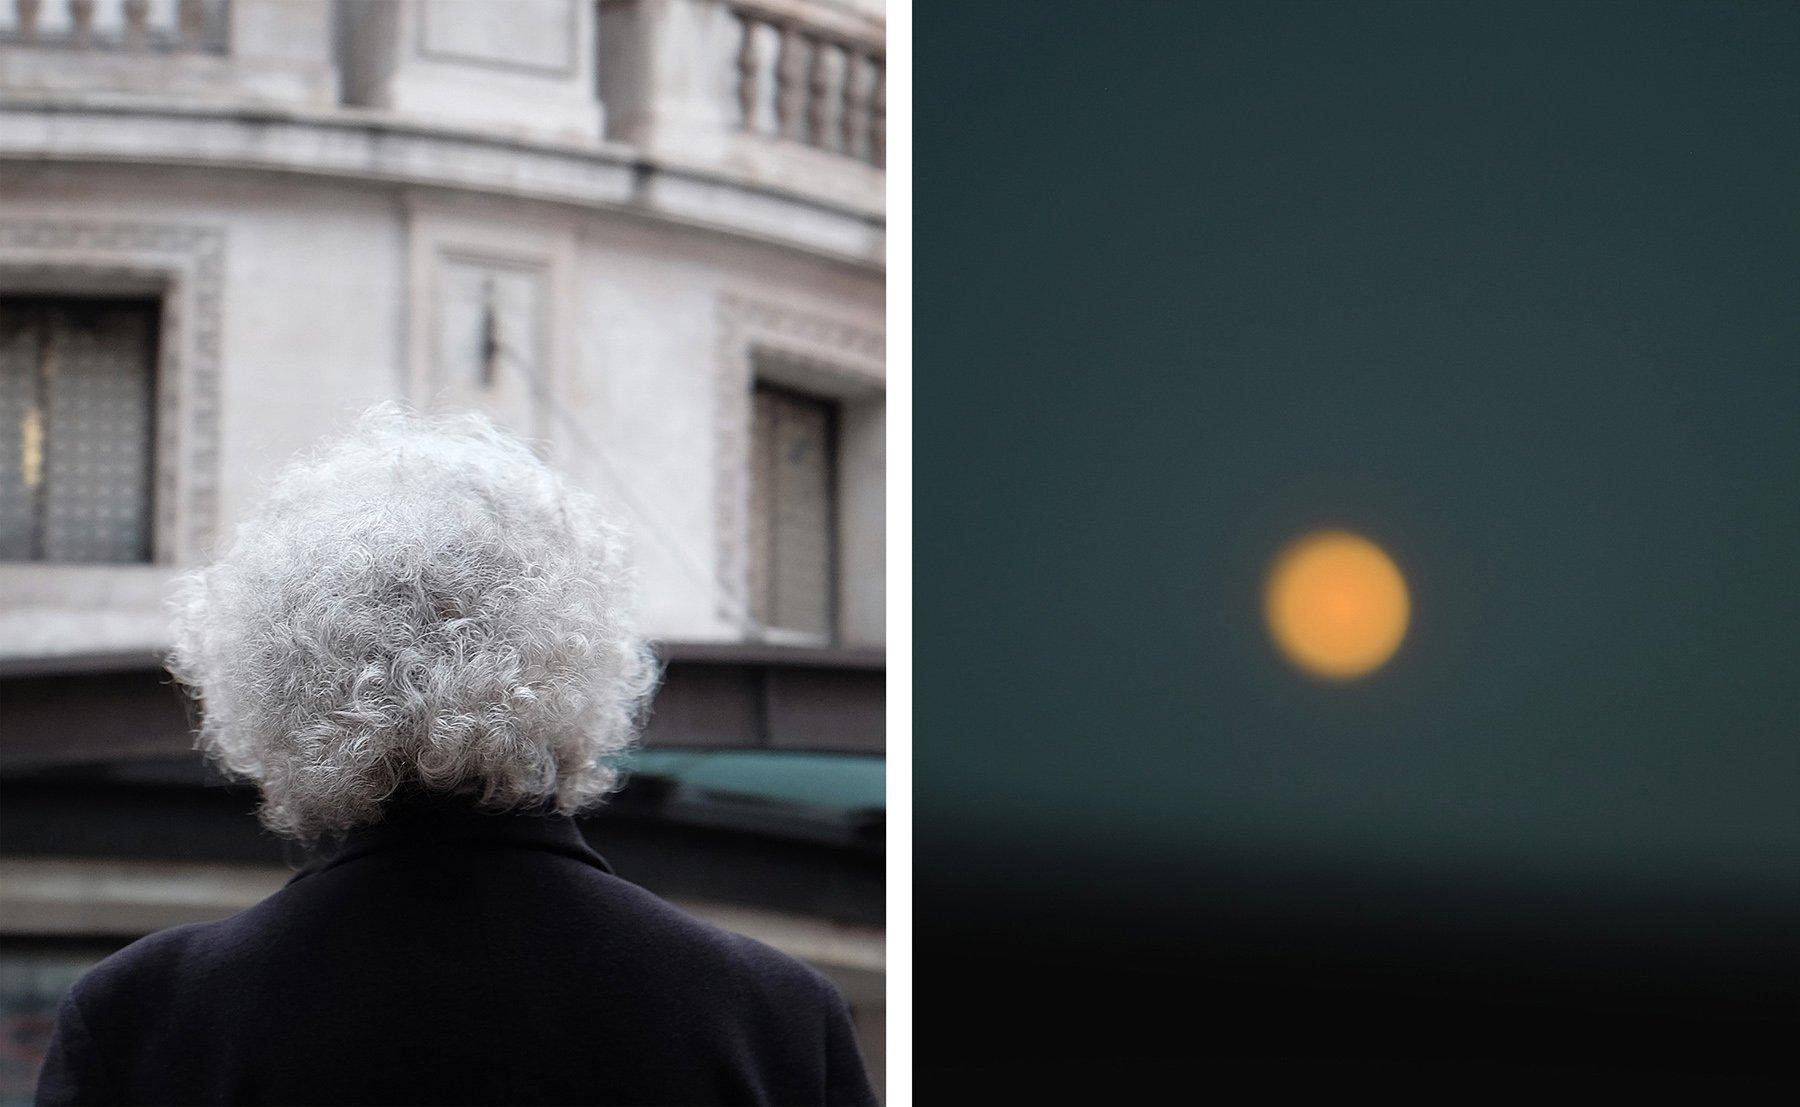 iGNANT-Photography-Robin-EK-Inner-Visions-09